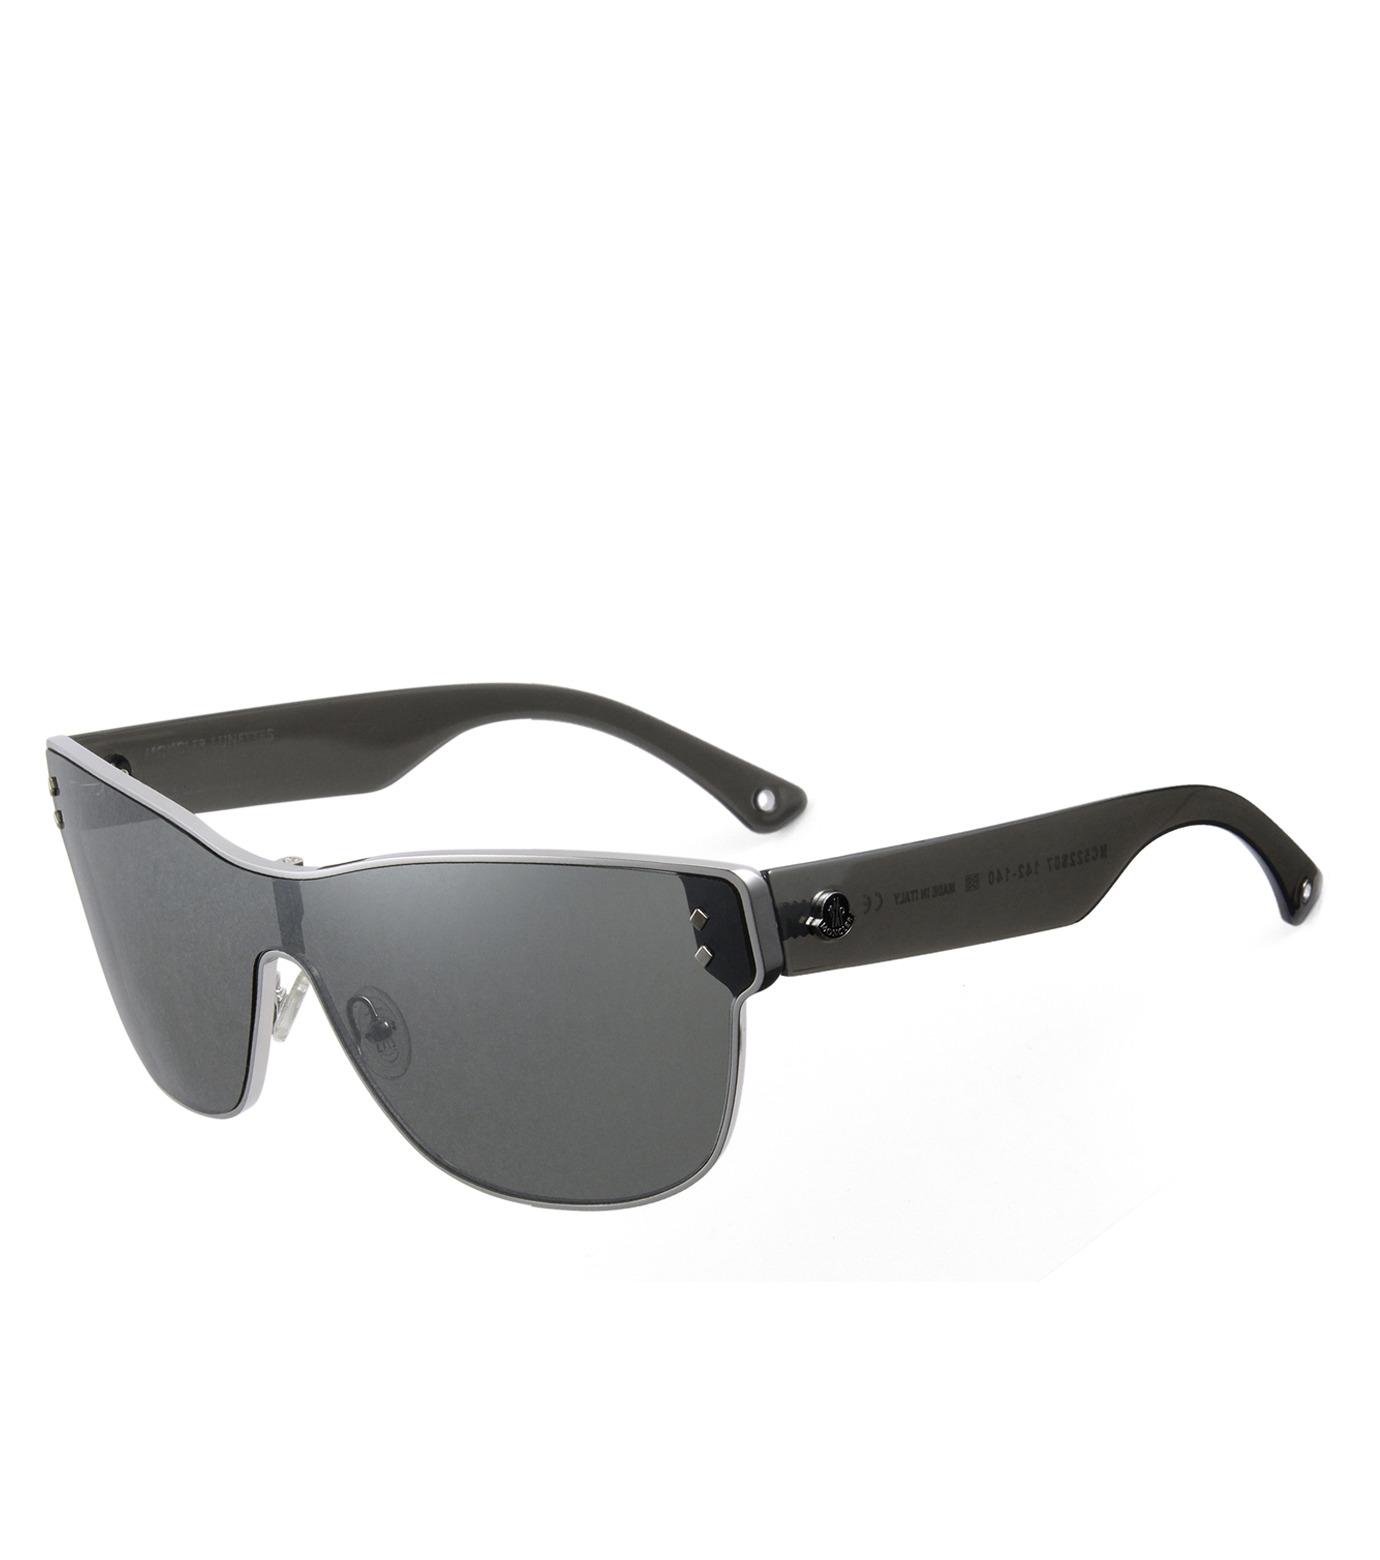 Moncler Eyewear(モンクレールアイウェア)のEYEWEAR-SILVER(アイウェア/eyewear)-MC522-1 拡大詳細画像1